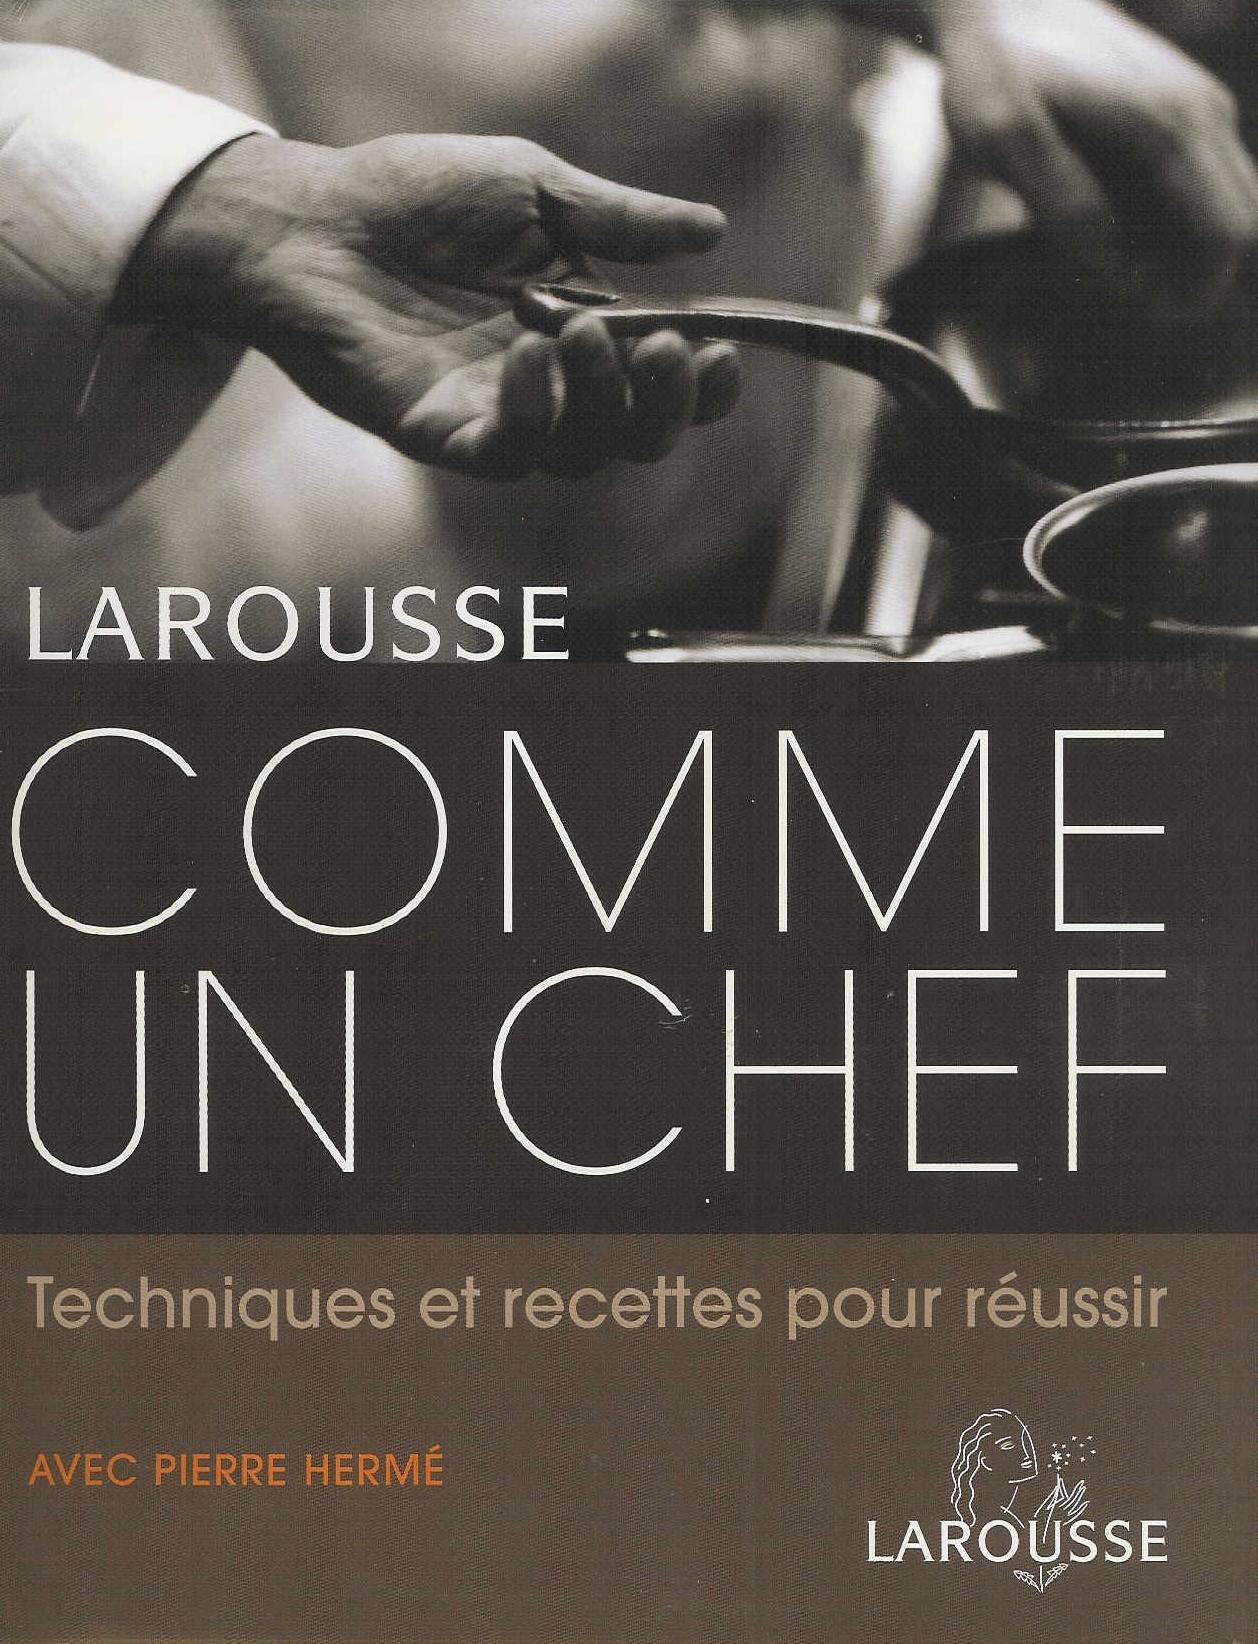 Couverture du livre comme un chef de Larousse